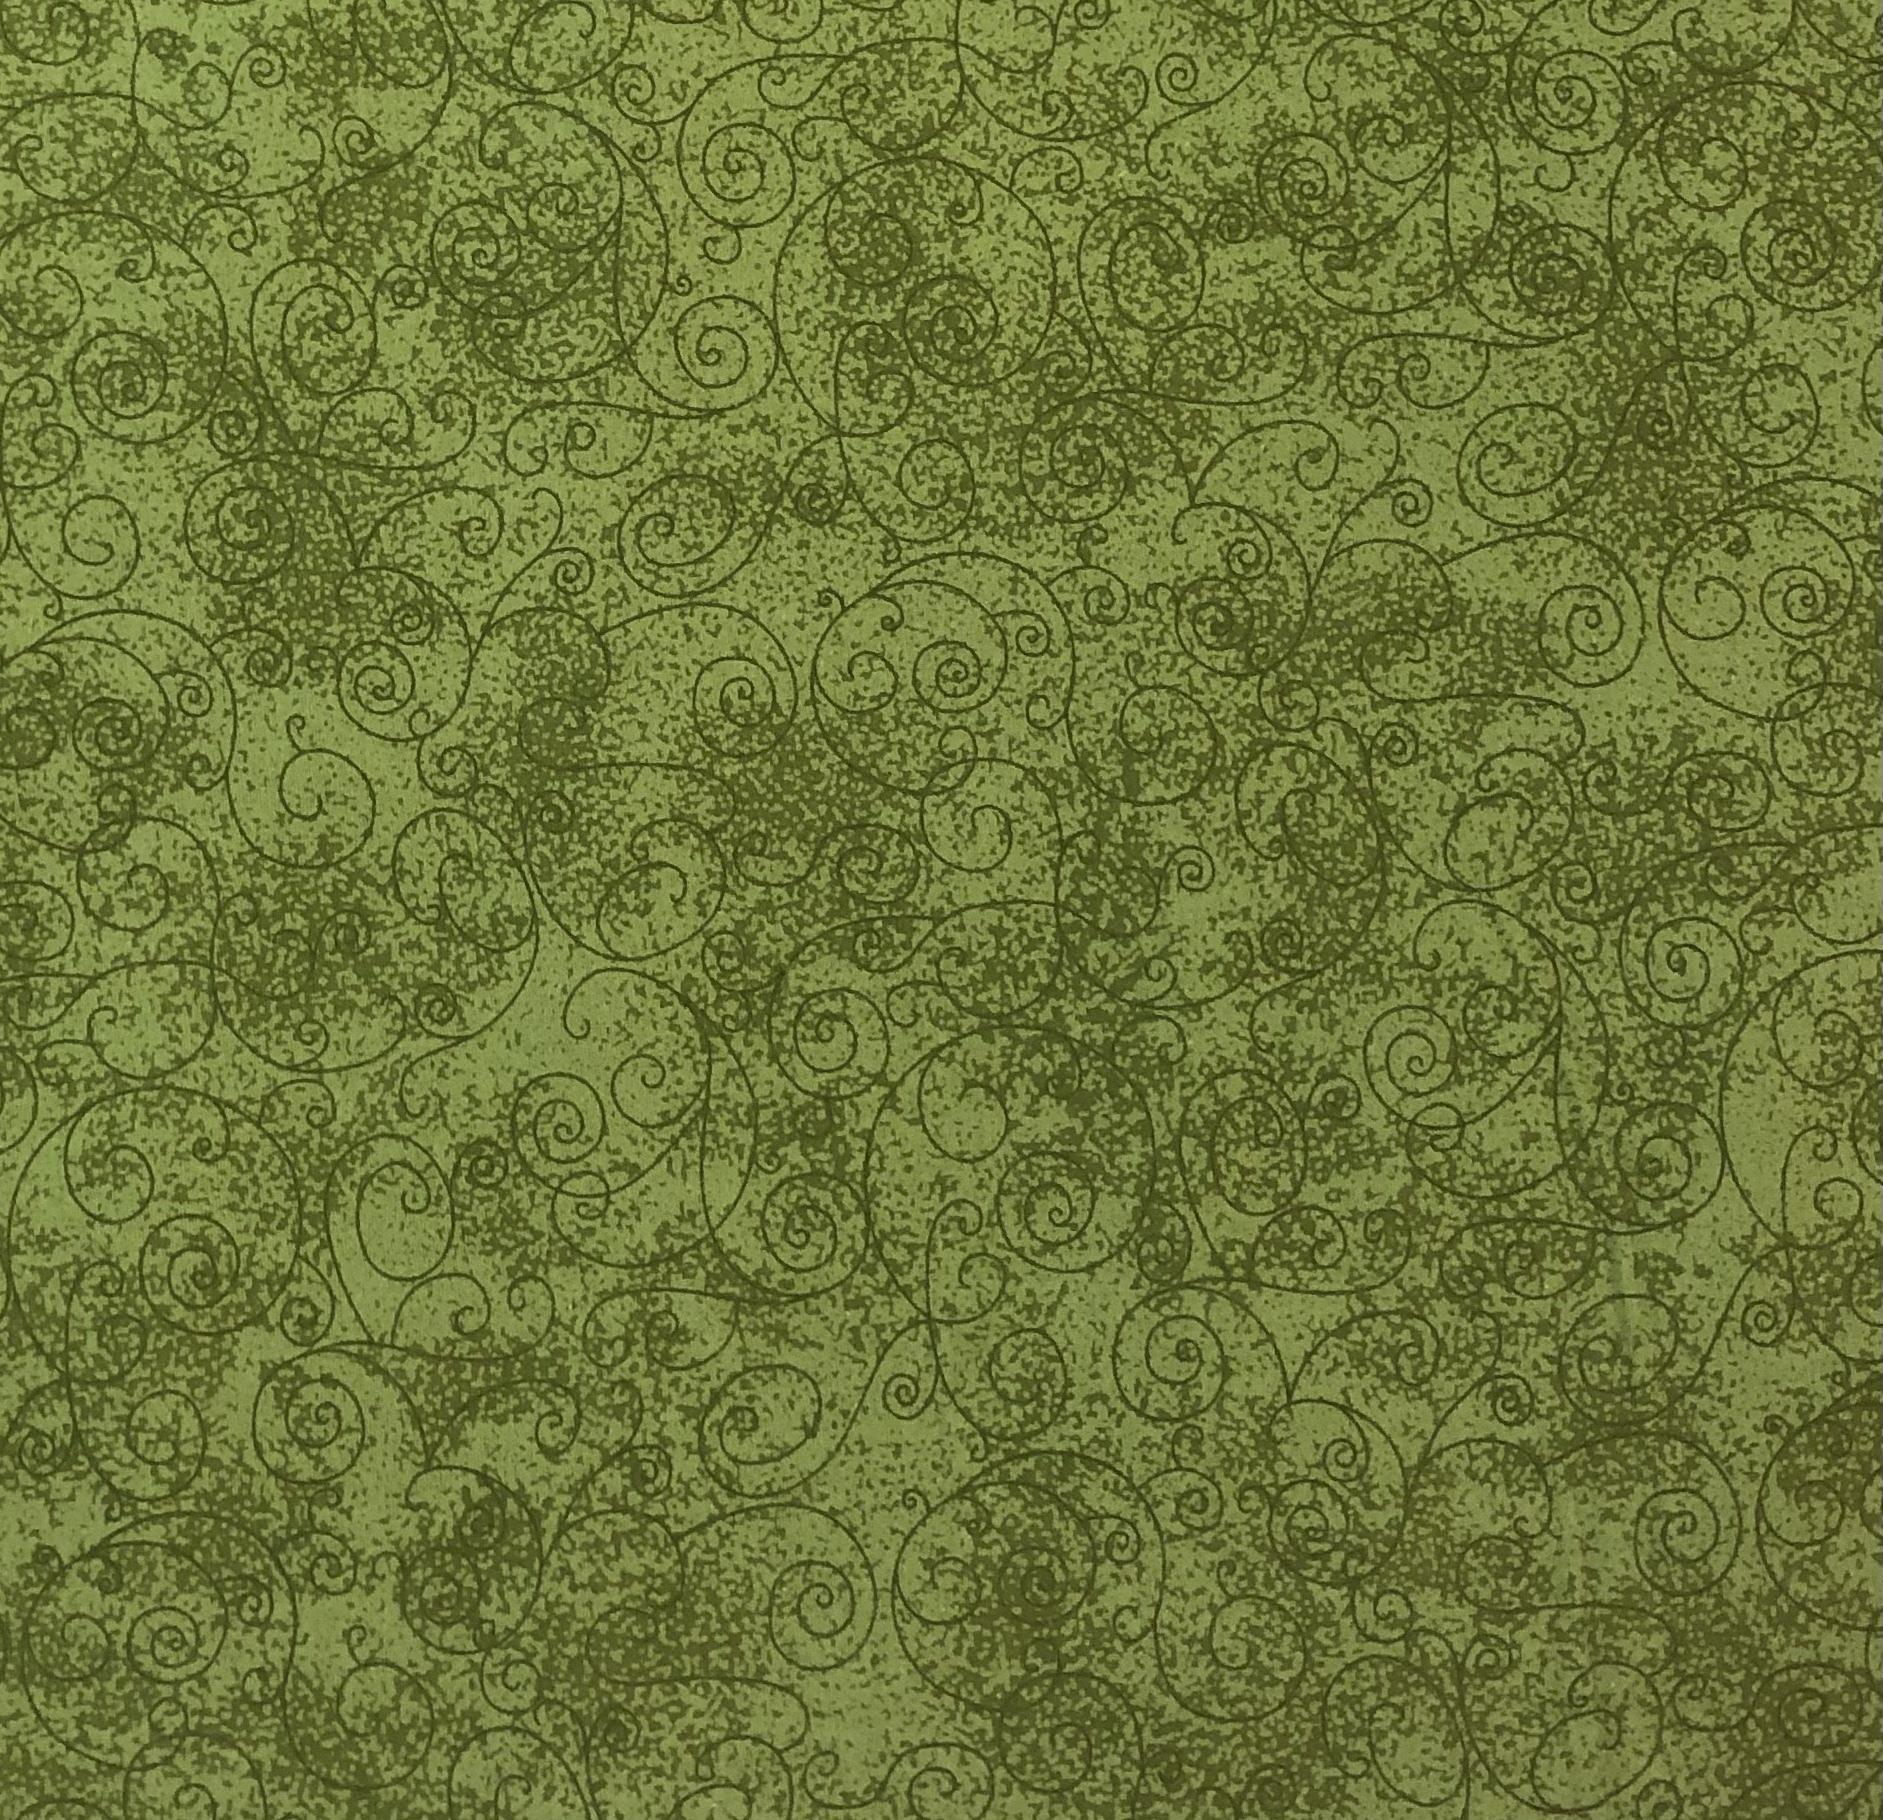 """Flannel 108"""" - Leaf Green Swirls - 1/2m cut 56730"""